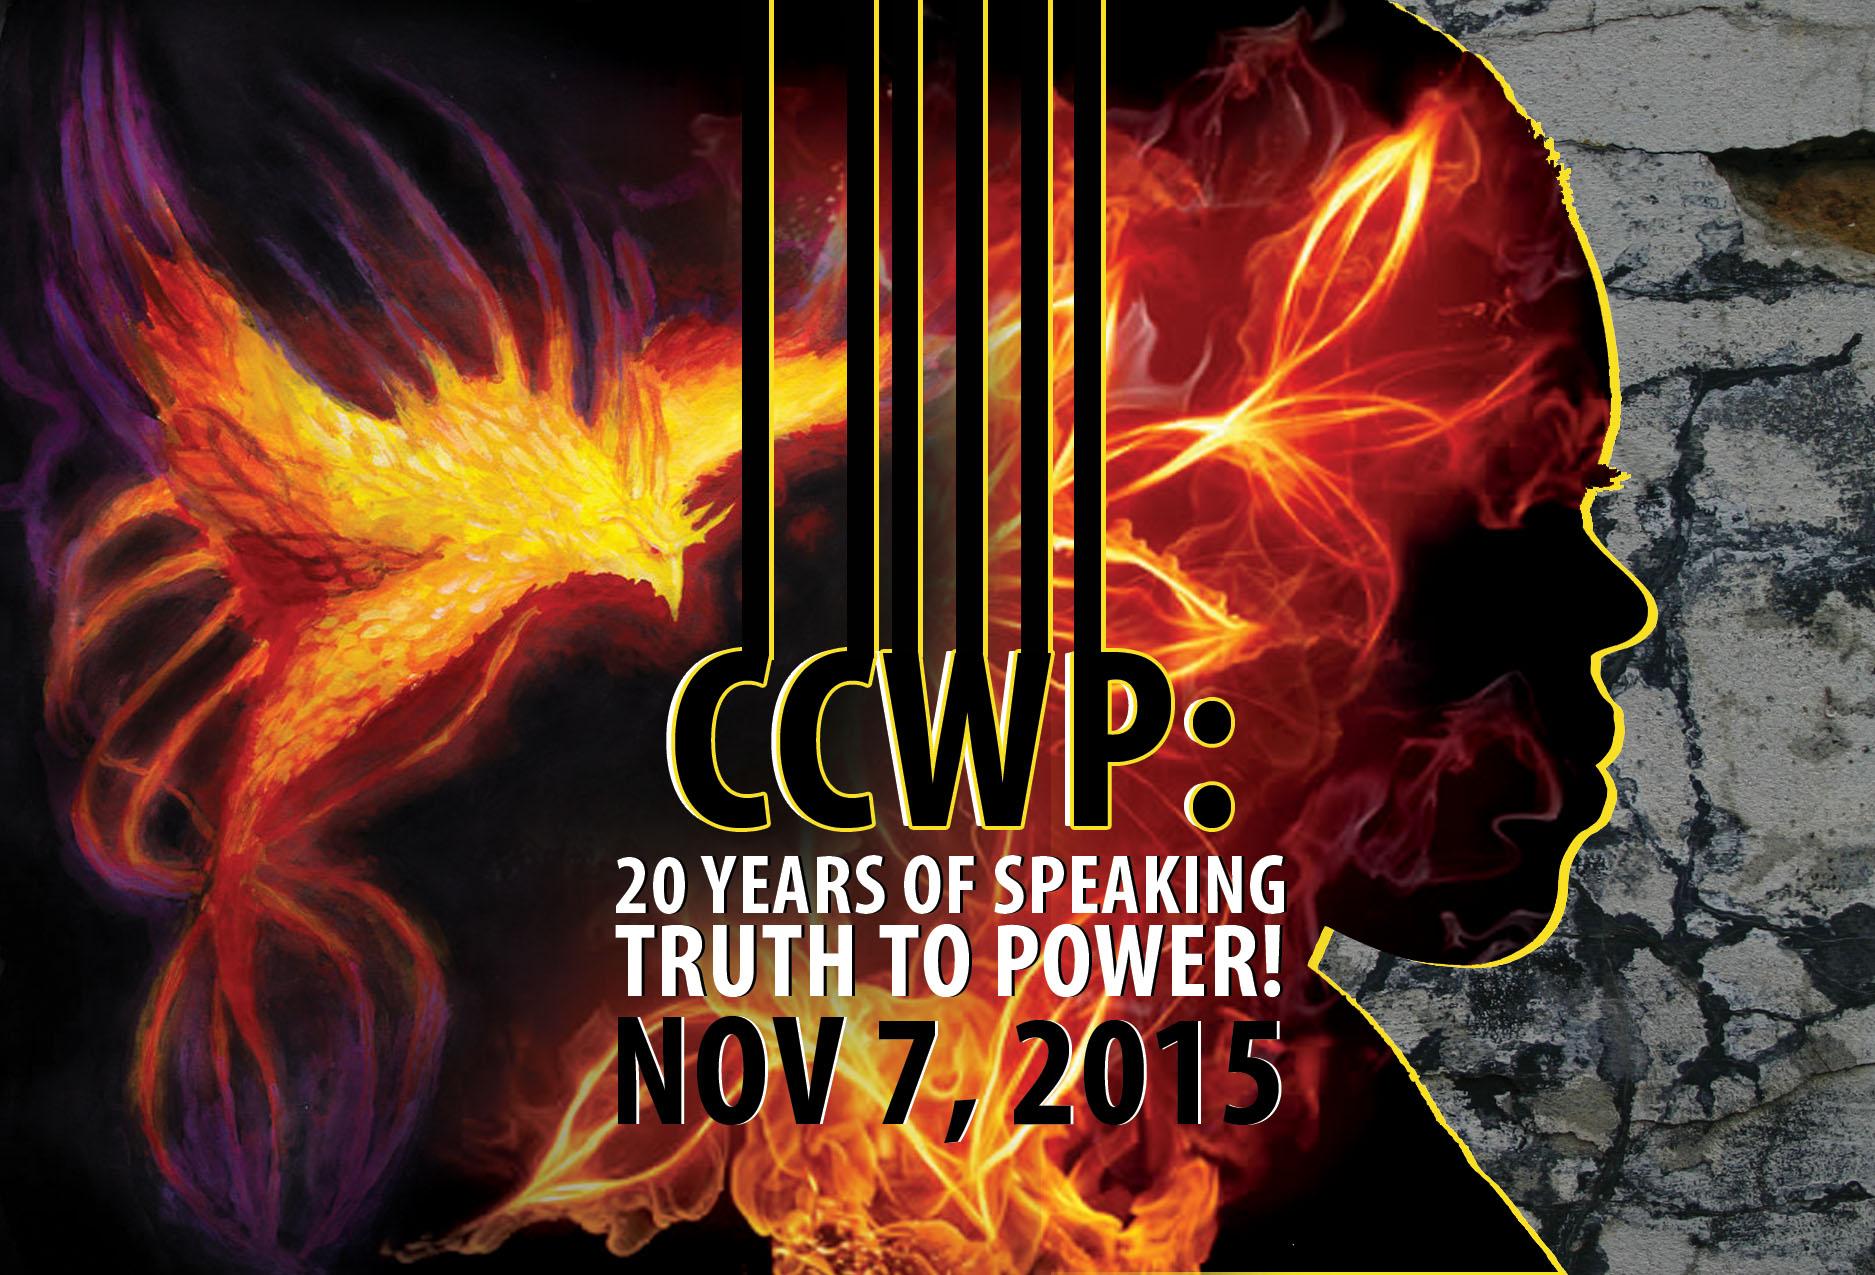 CCWP postcard front